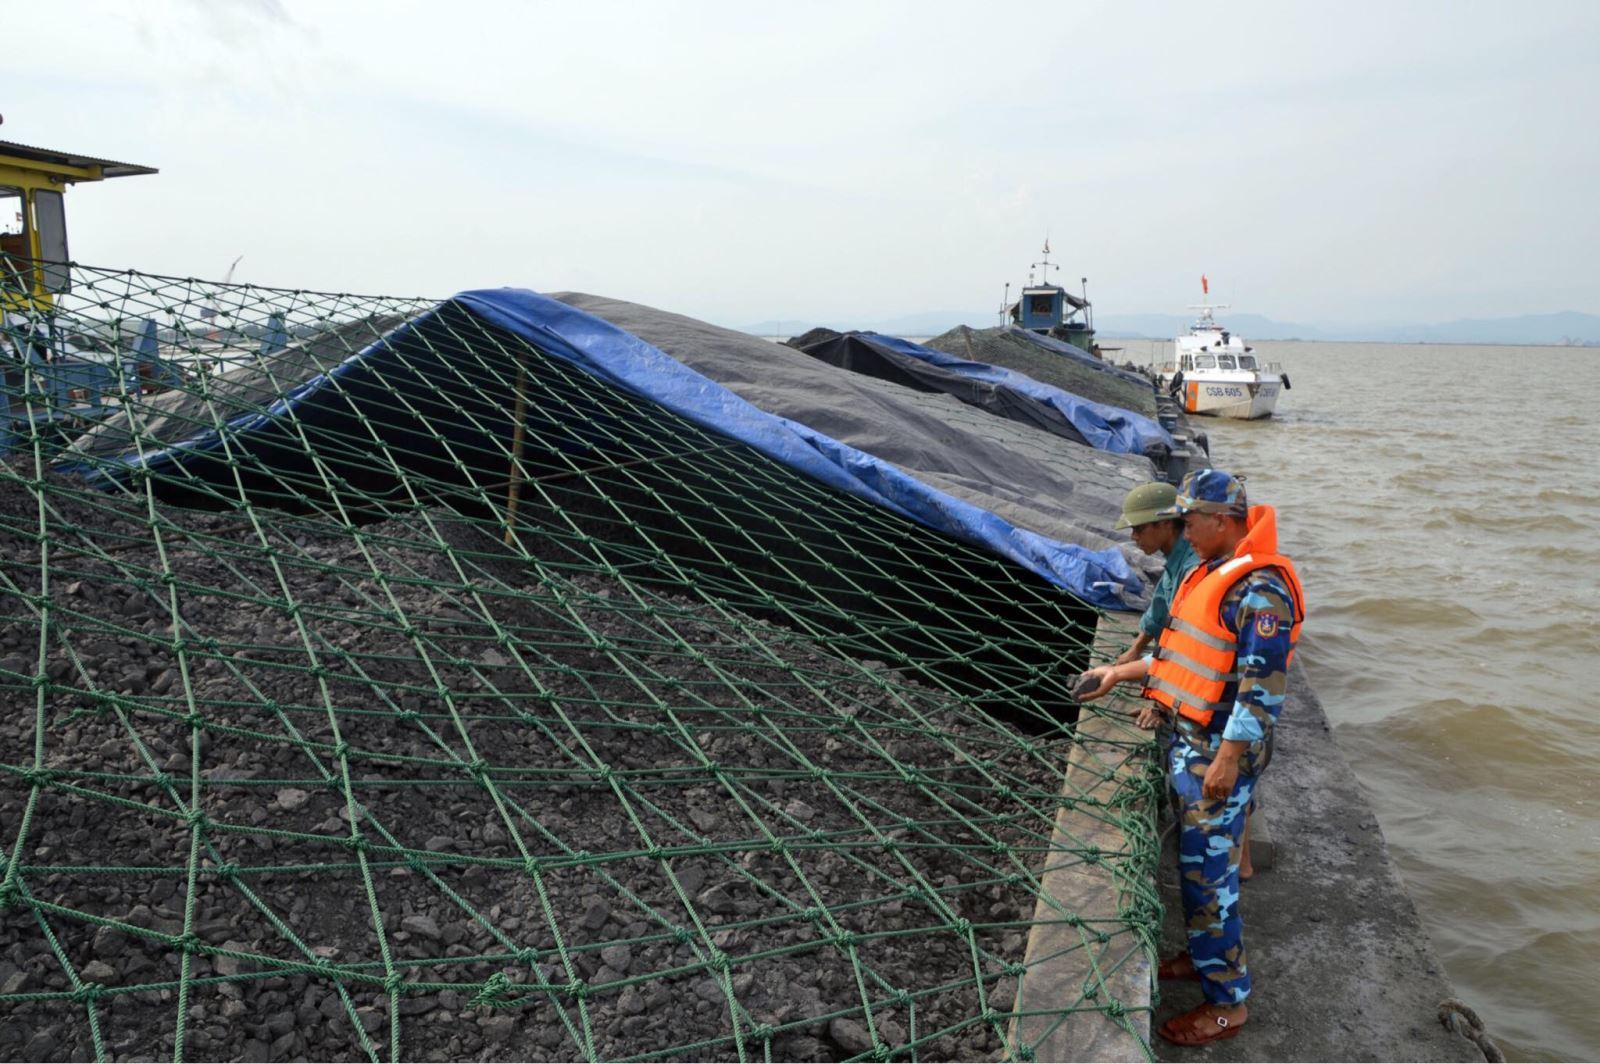 Cảnh sát biển tạm giữ 2.000 tấn than không rõ nguồn gốc